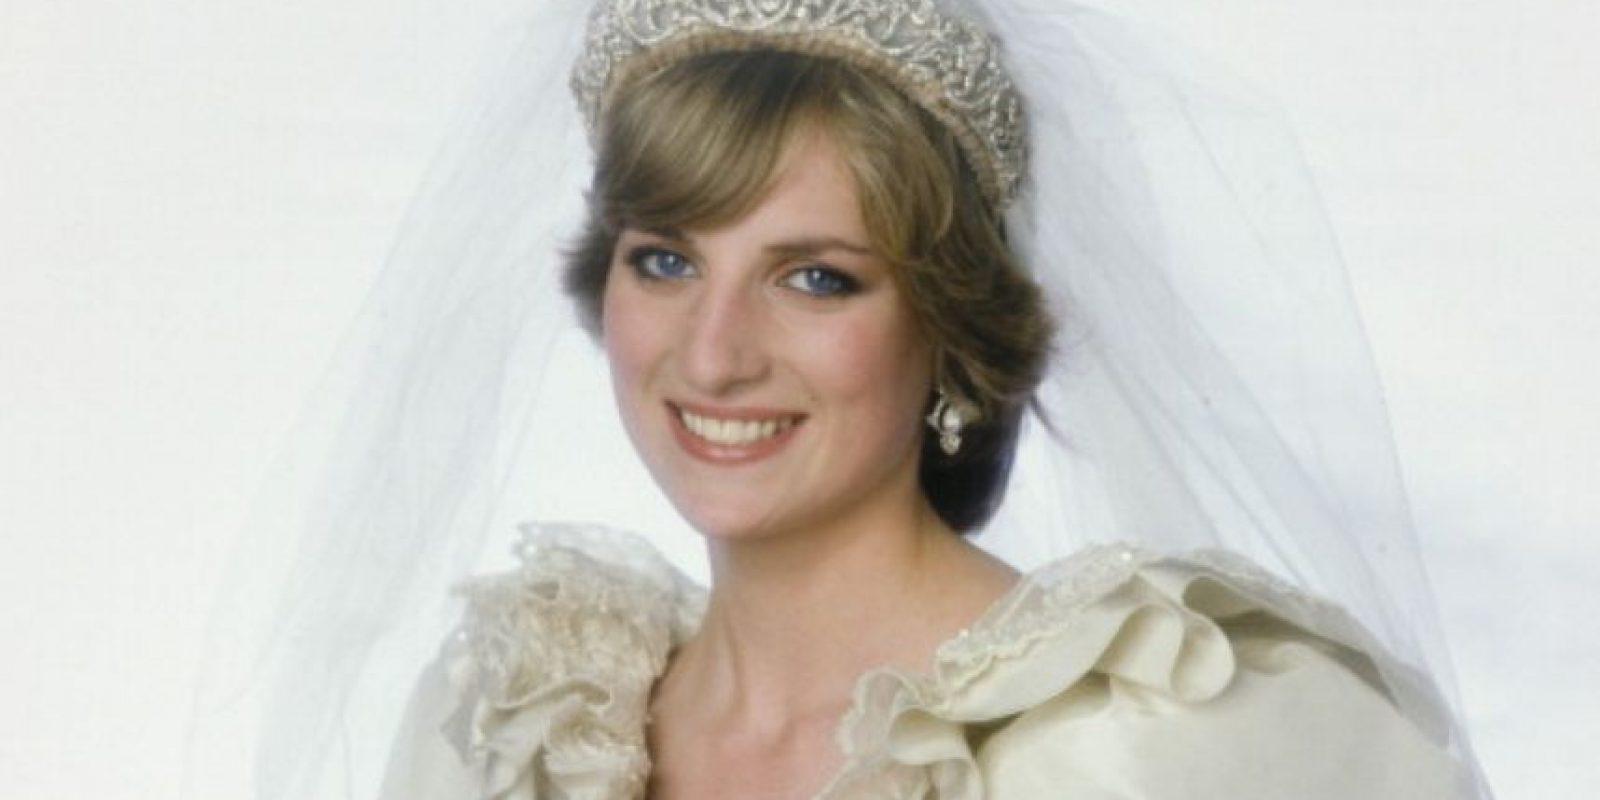 Diana de Gales parecía princesa de cuento de hadas. Foto:vía Getty Images